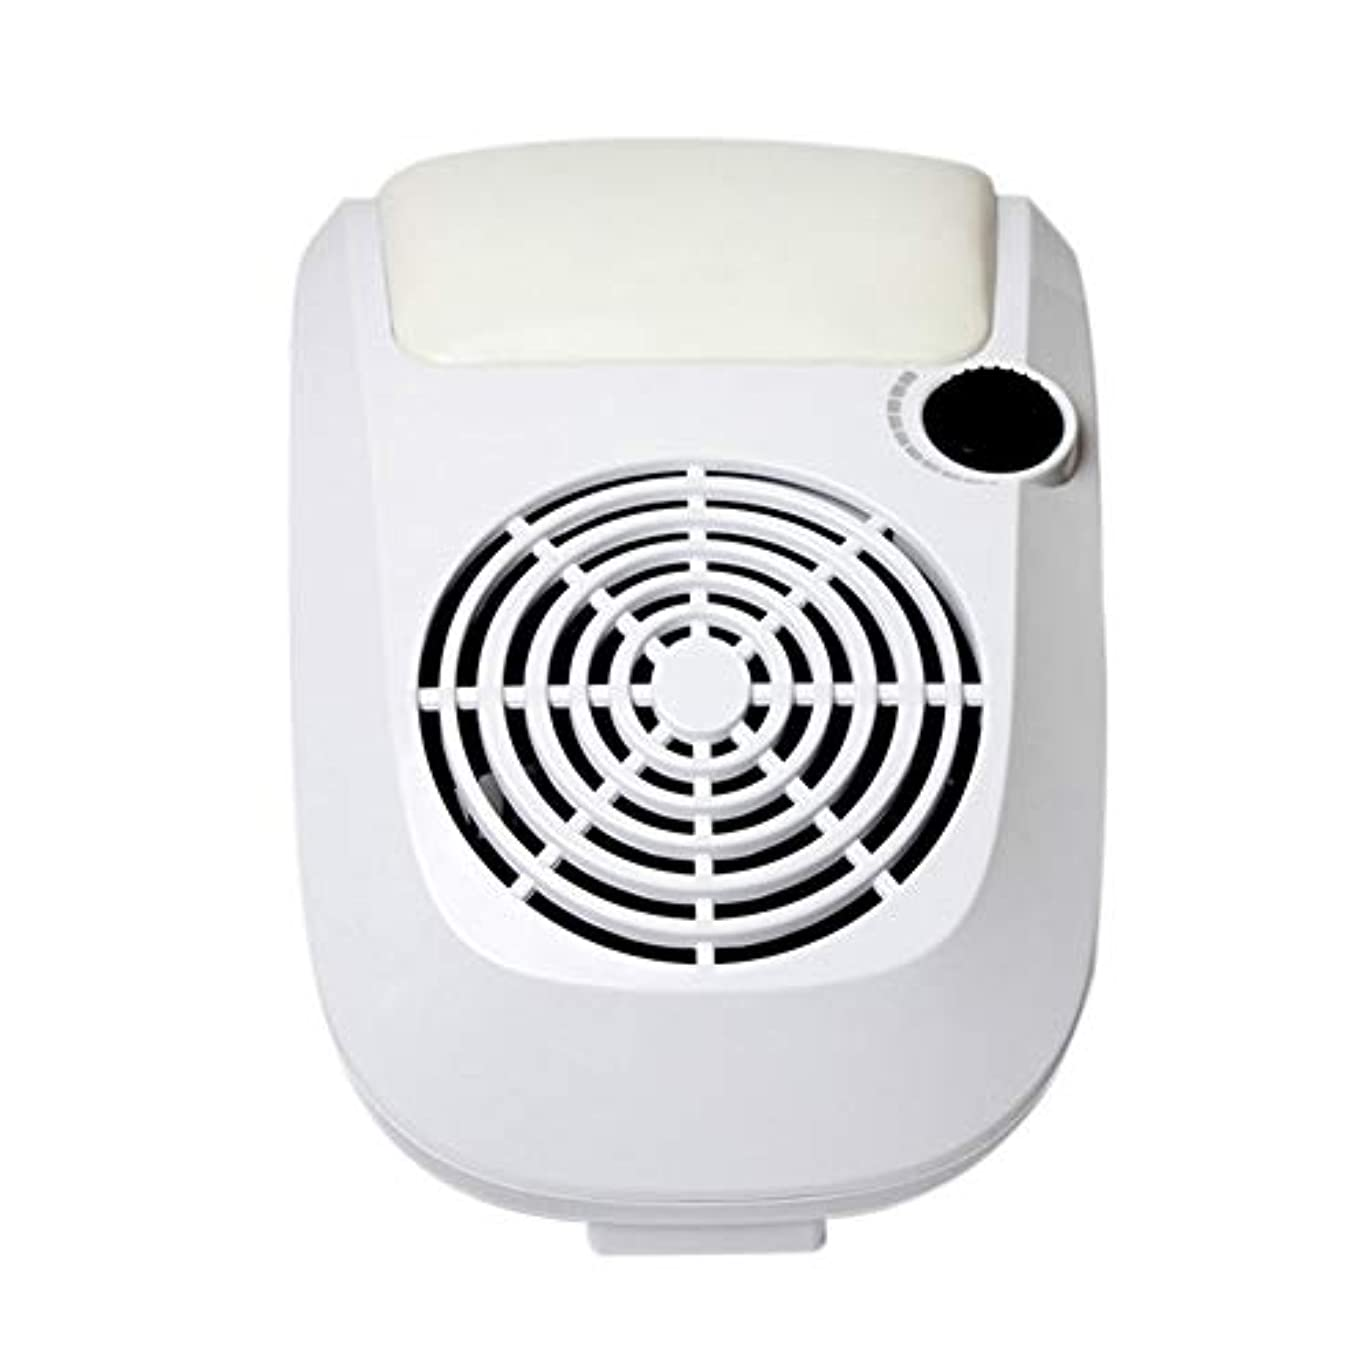 喜劇割り当てる暗くする電気3の1つの釘のドリル?マシンの釘の集塵機の真空の洗剤が付いているポーランドのペンとテーブルランプのドリルビットのネイルアートツール